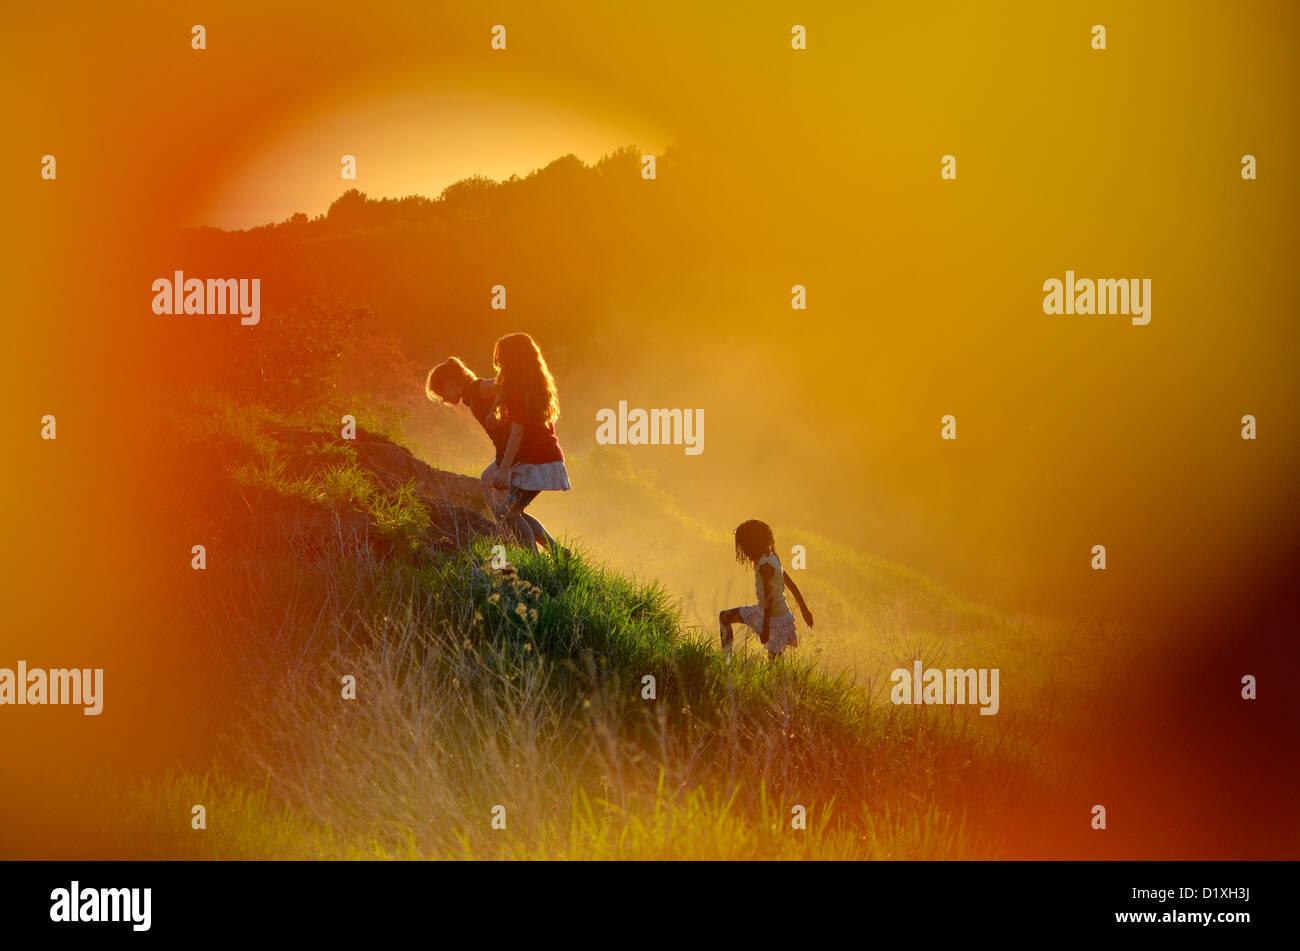 Tres niñas juegan en las esferas de color naranja brillante alrededor. Captura el estado de ánimo. Western Imagen De Stock